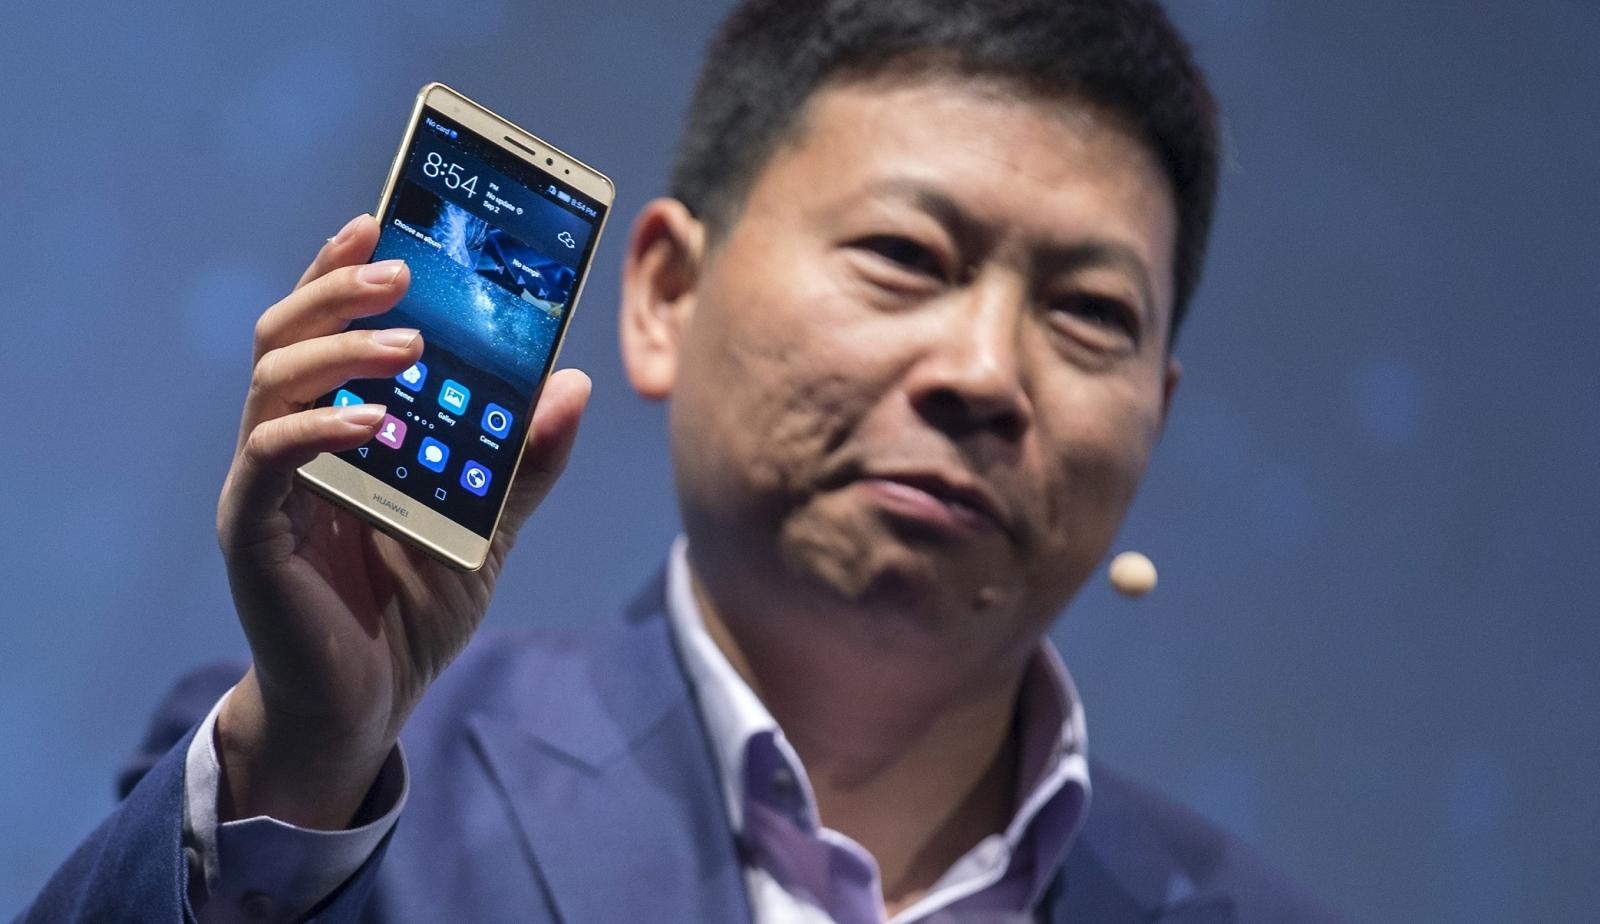 Huawei Mate S launch IFA